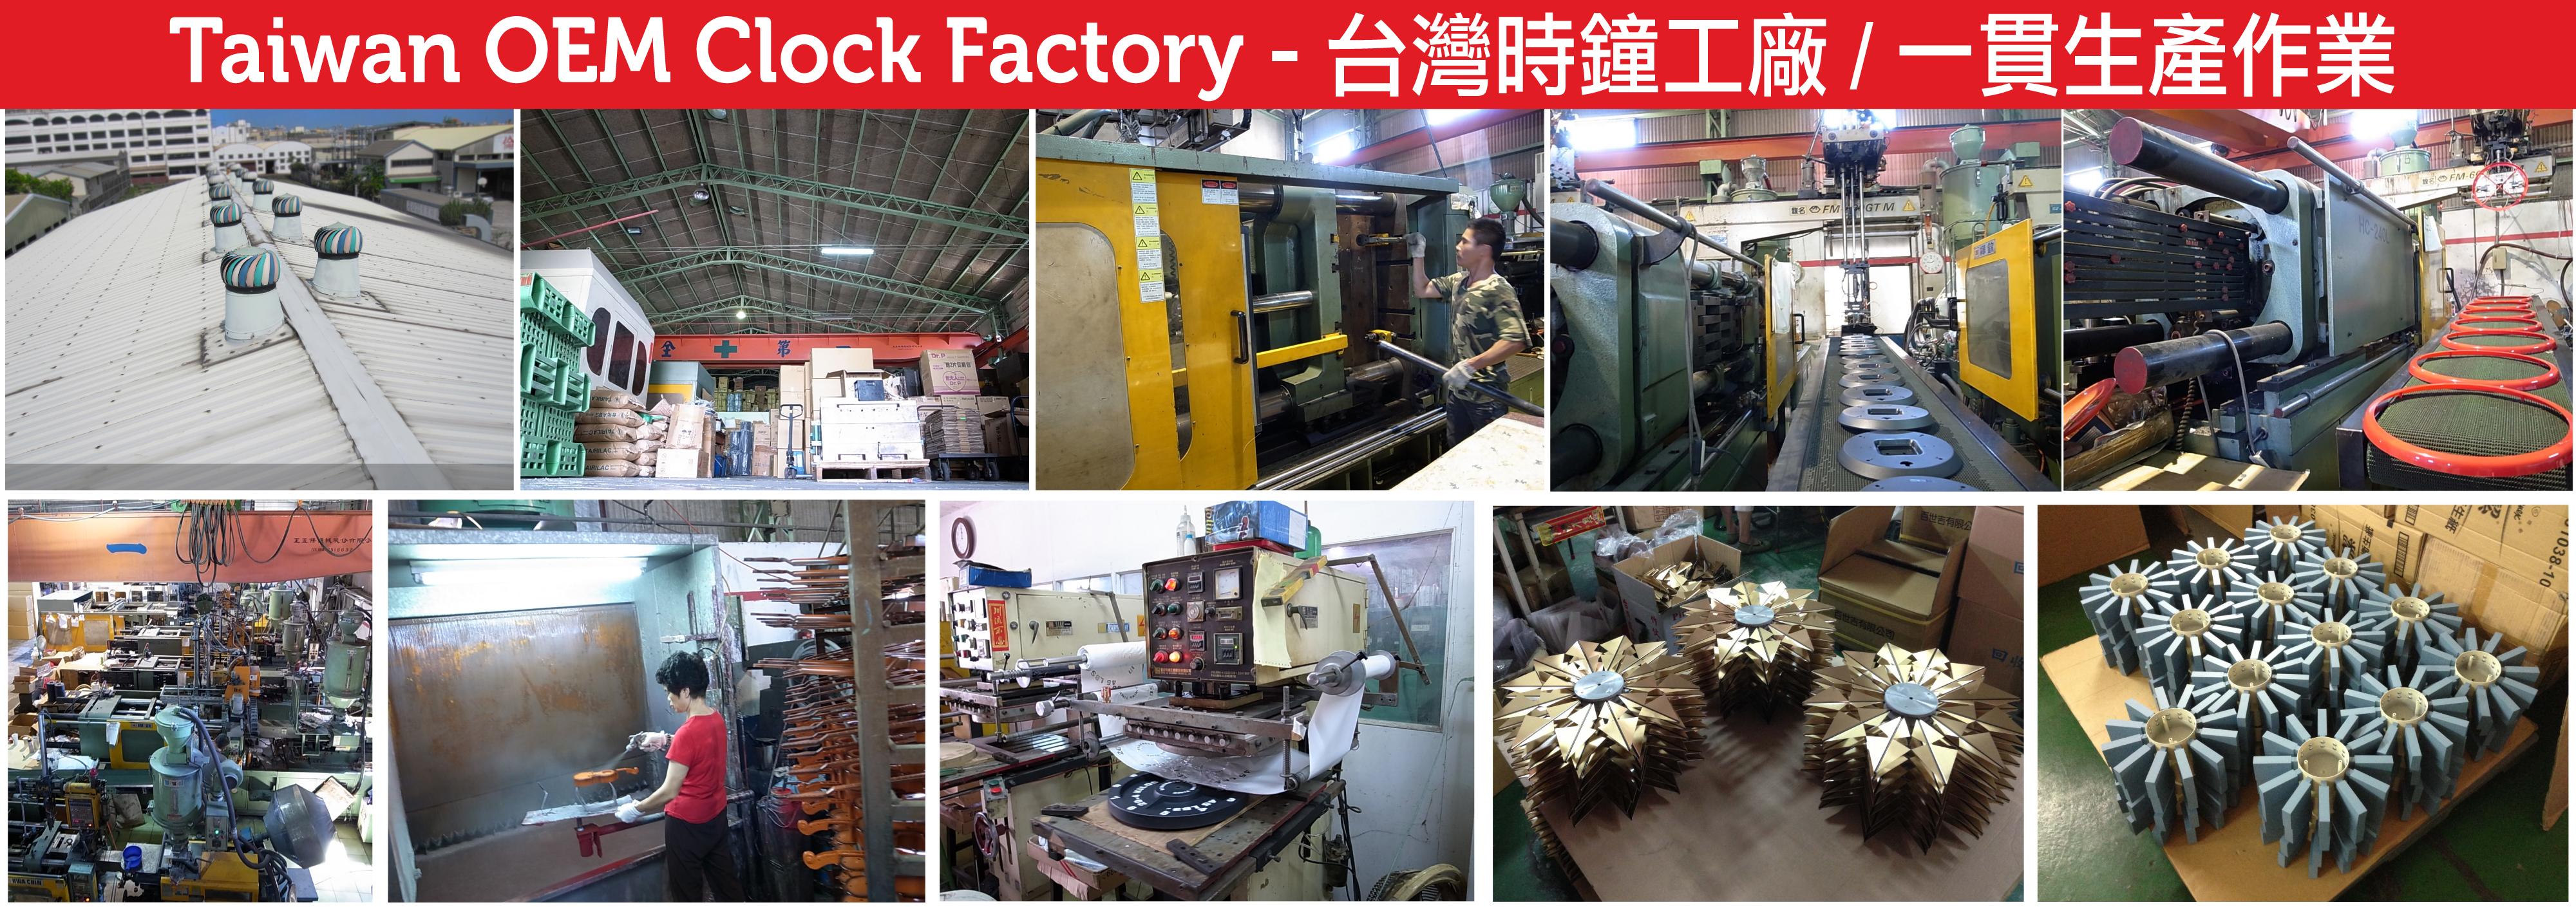 a.cerco factory